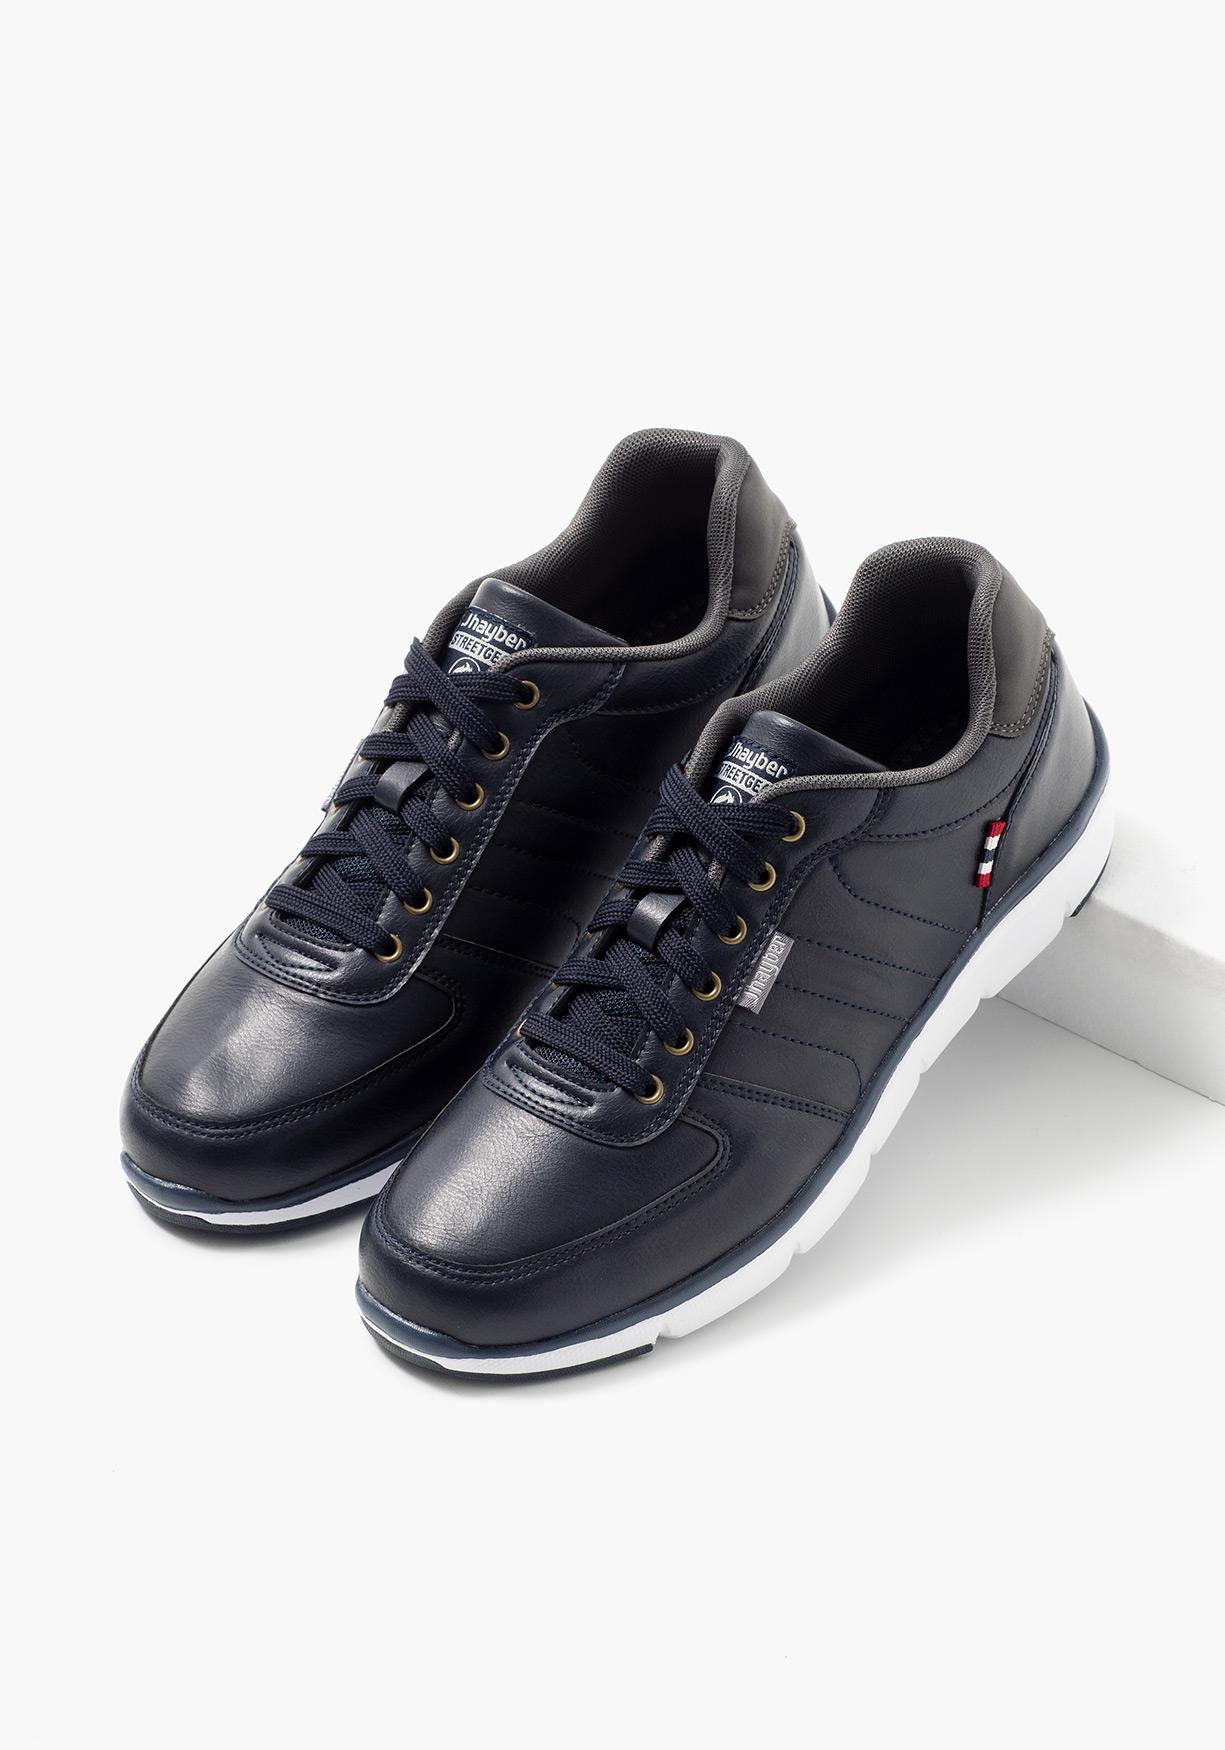 nuestros deportivos Zapatos de Comprar ¡Aprovéchate J´HAYBER RqXwc55xOB af4aade8486c5